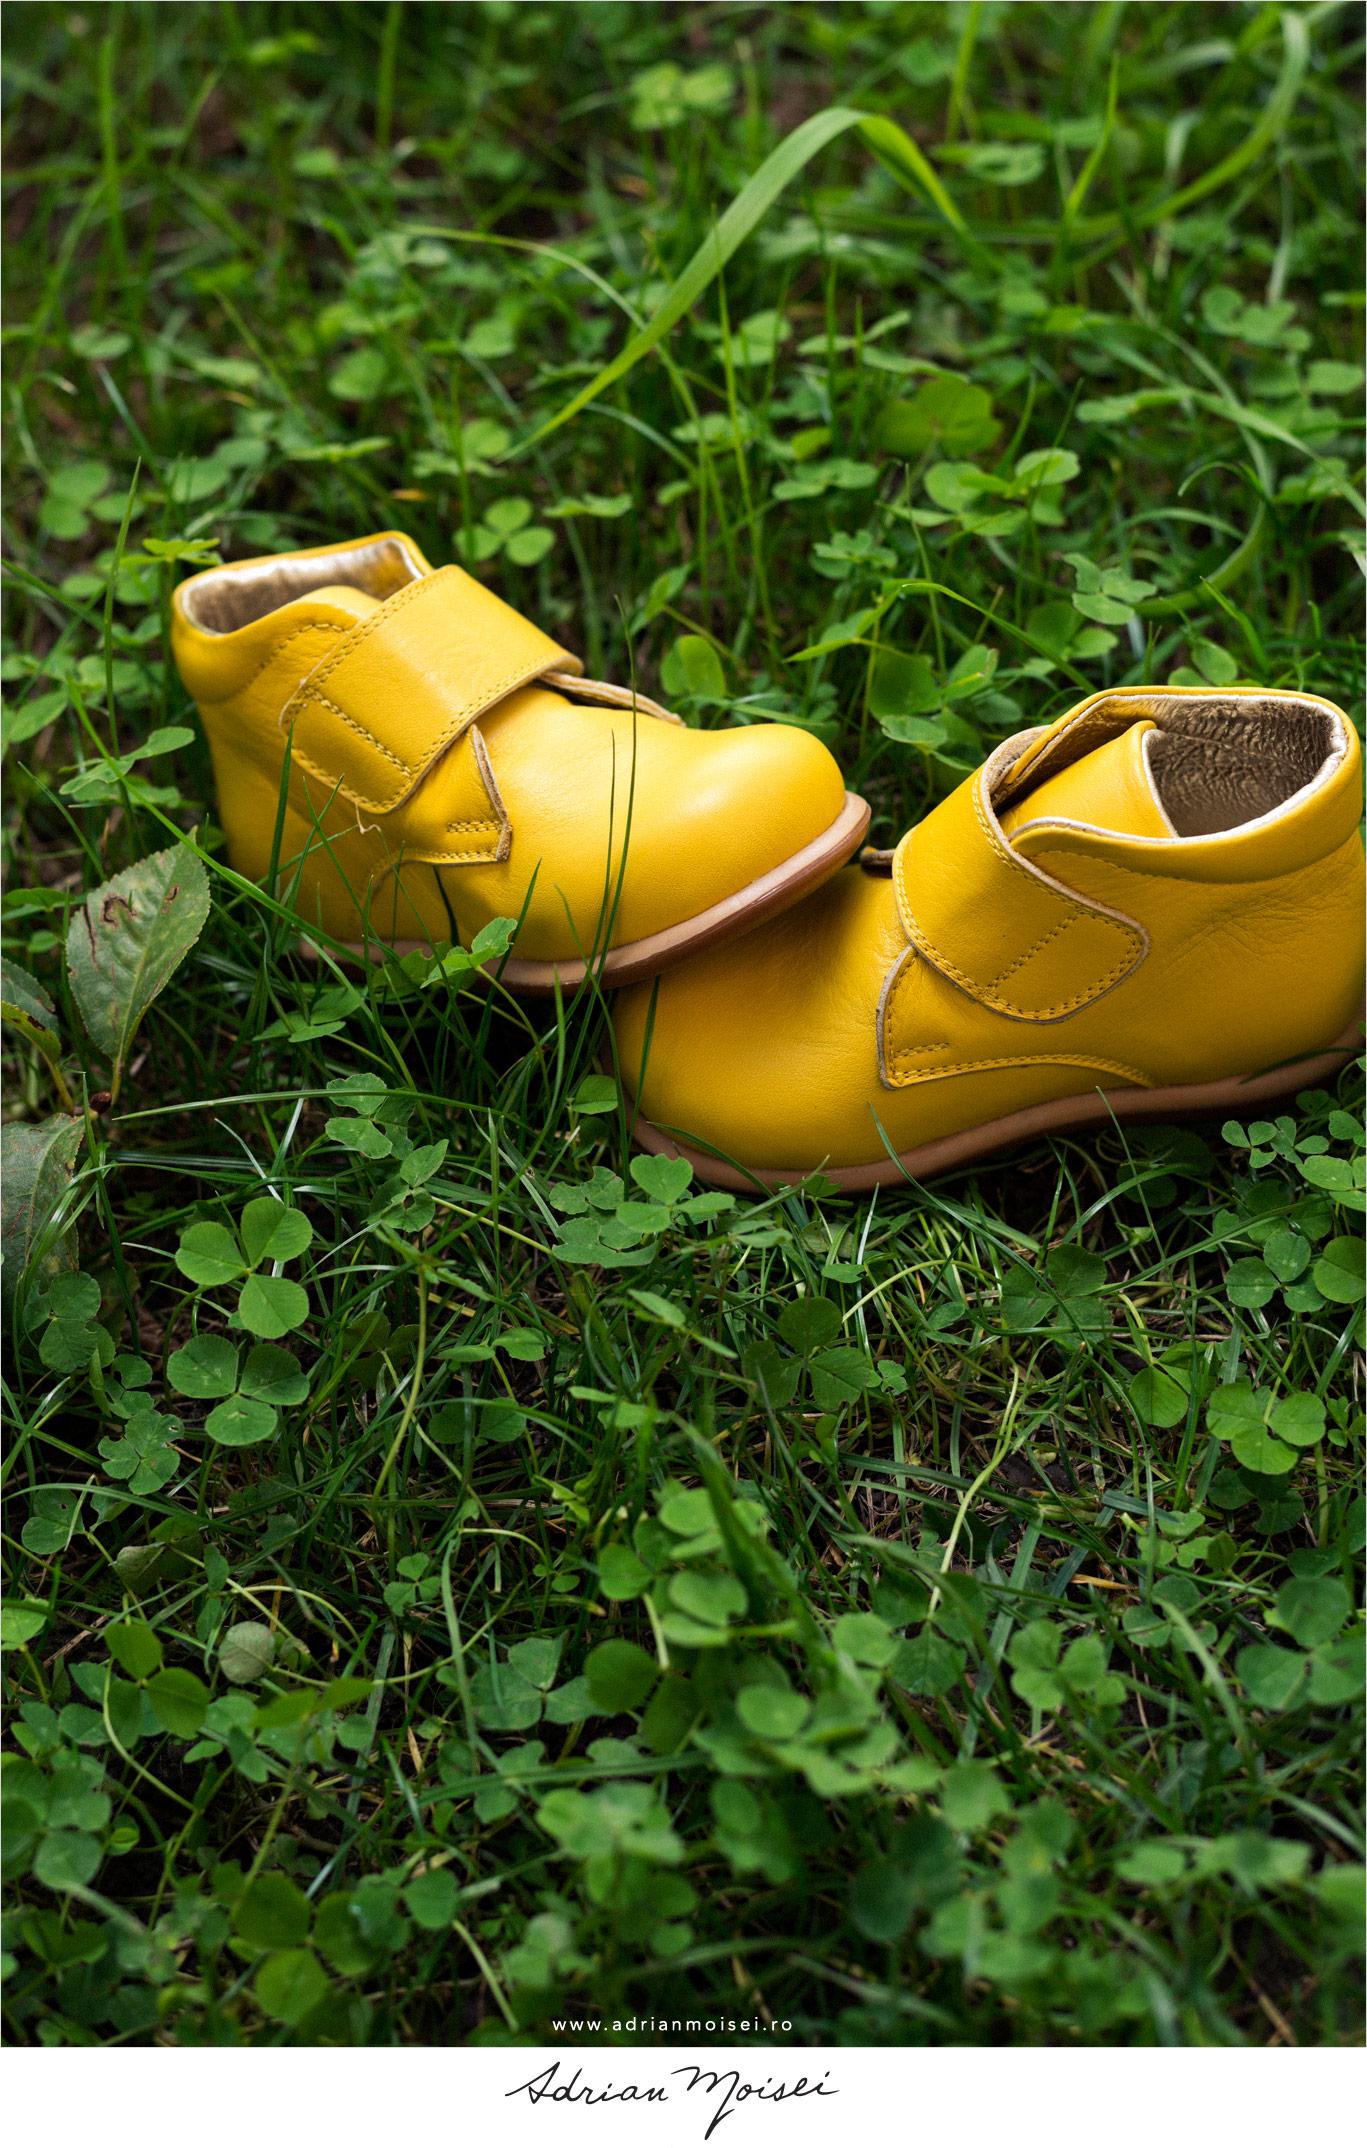 Fotografie de produs Iasi in exterior incaltaminte pentru copii studio foto video Iasi kidopo